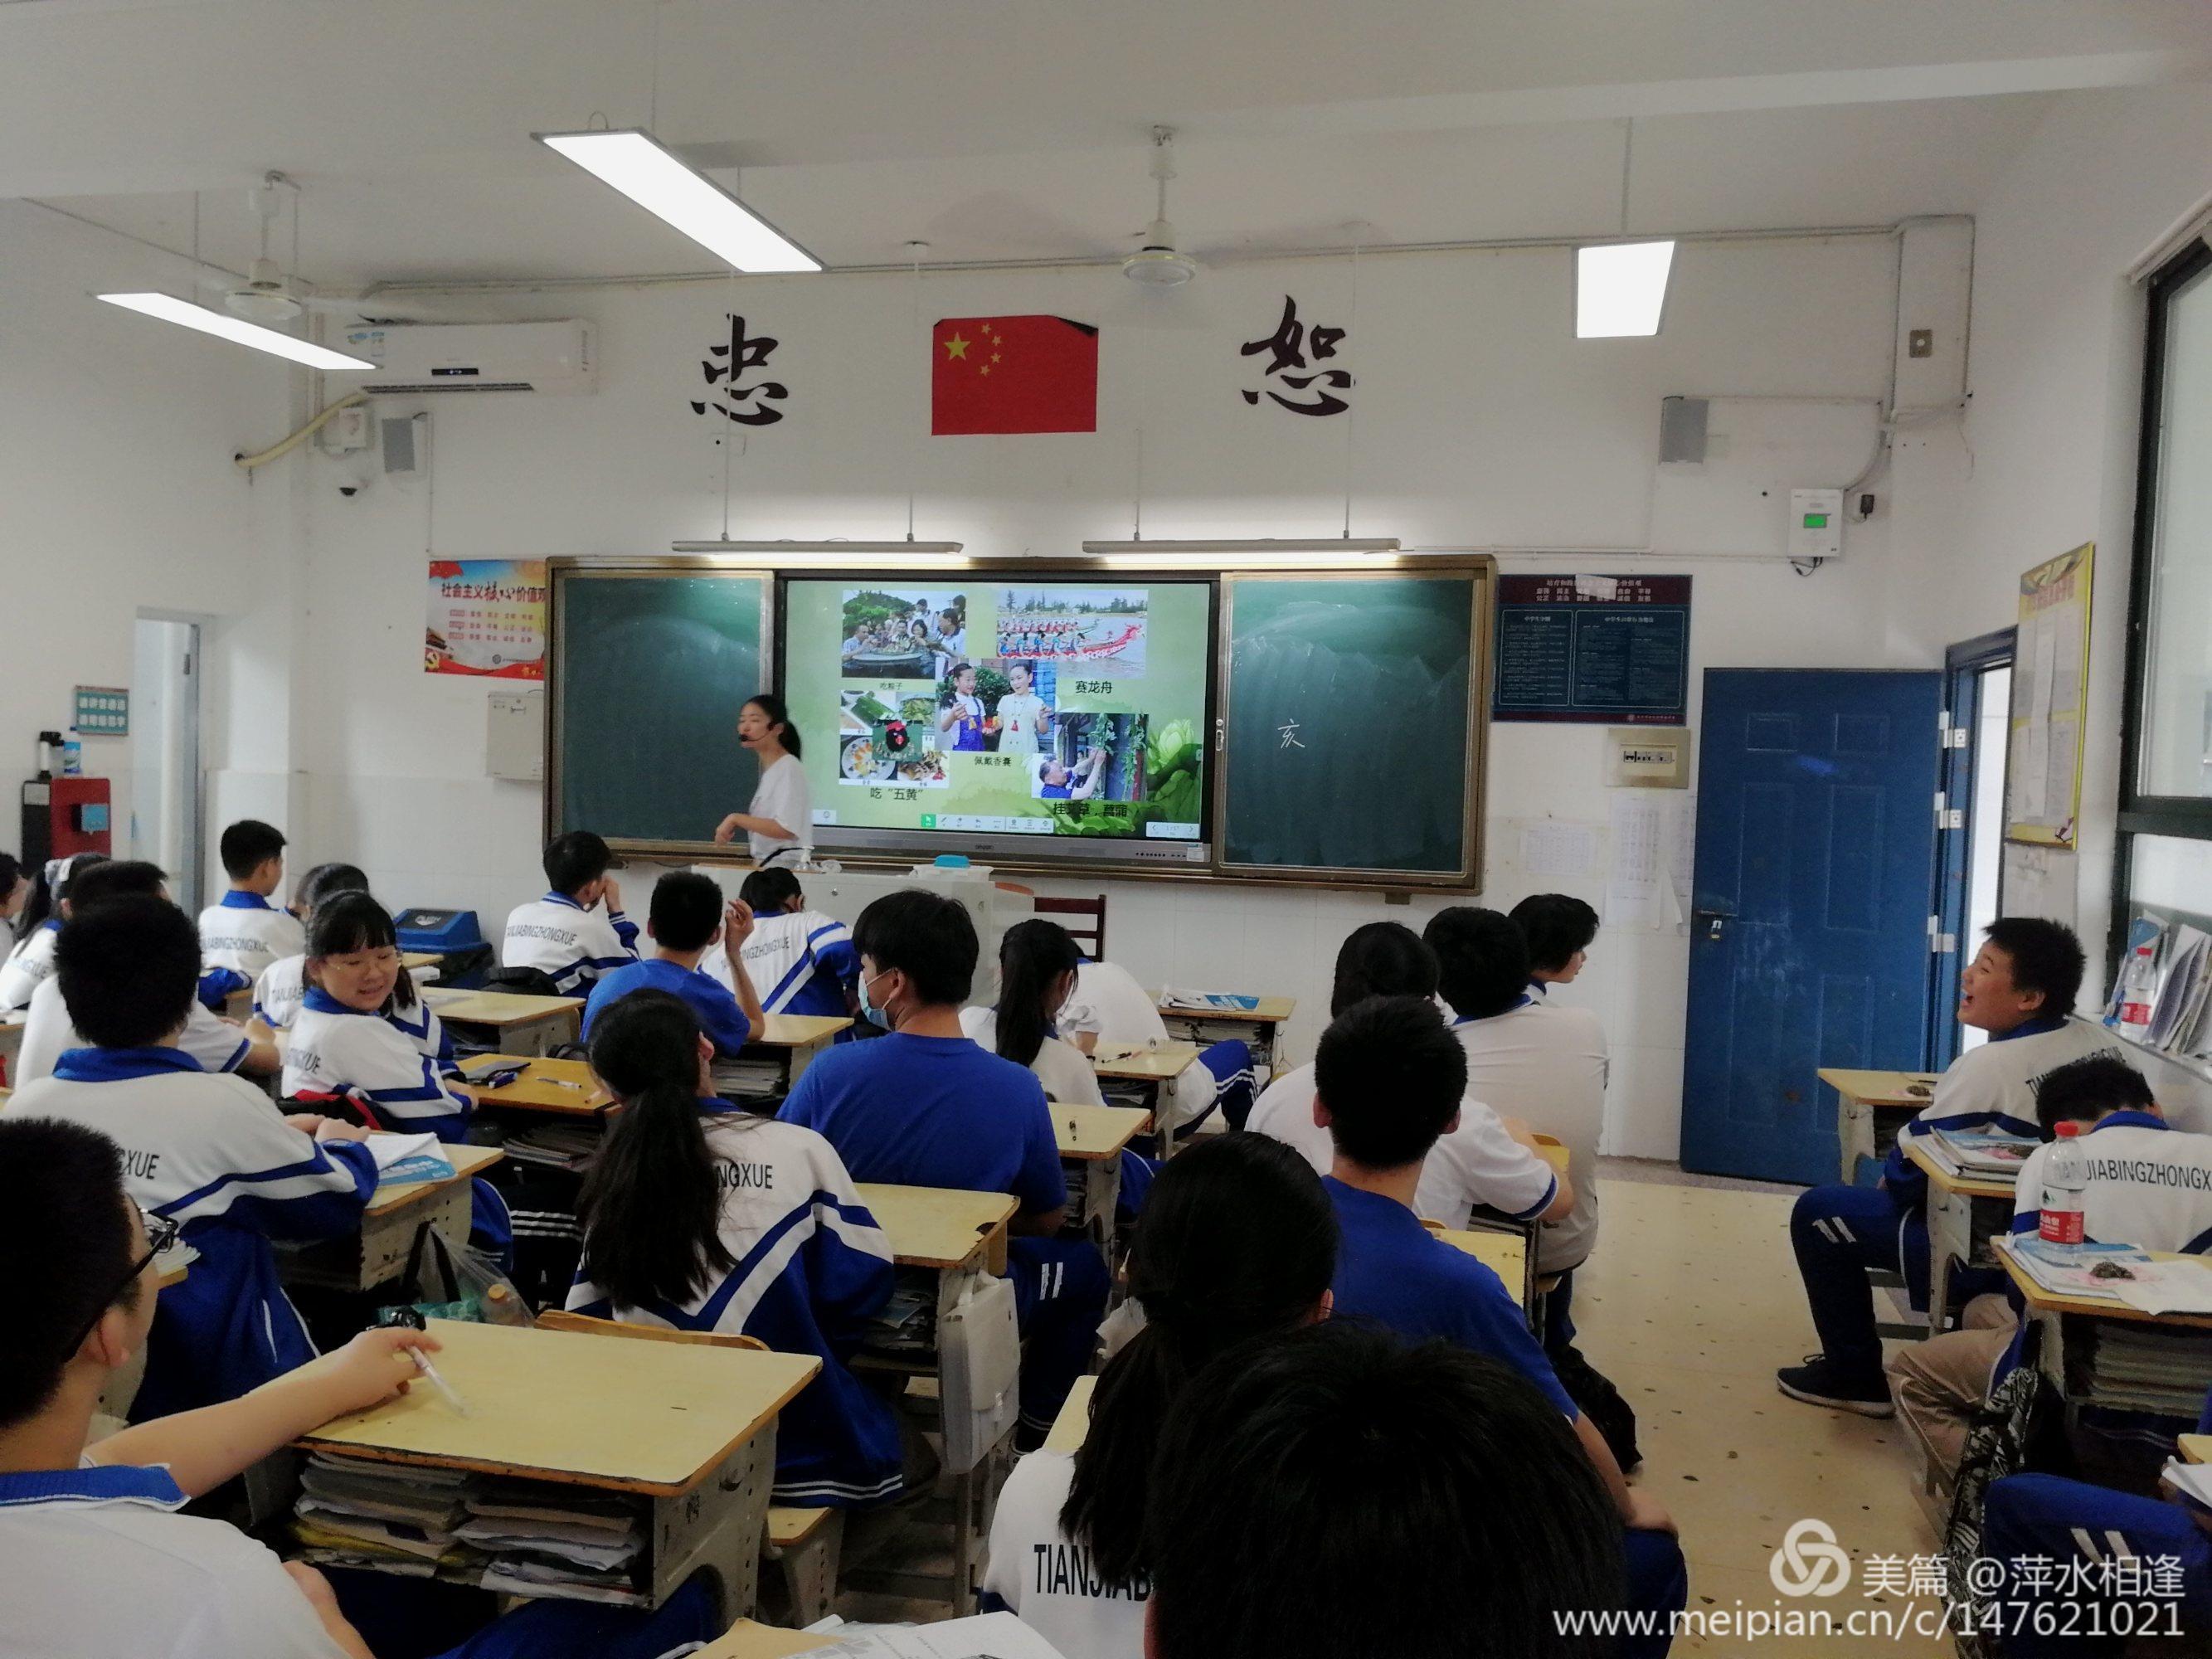 382班:学习包香包活动——年年岁岁过端午,岁岁年年做香包